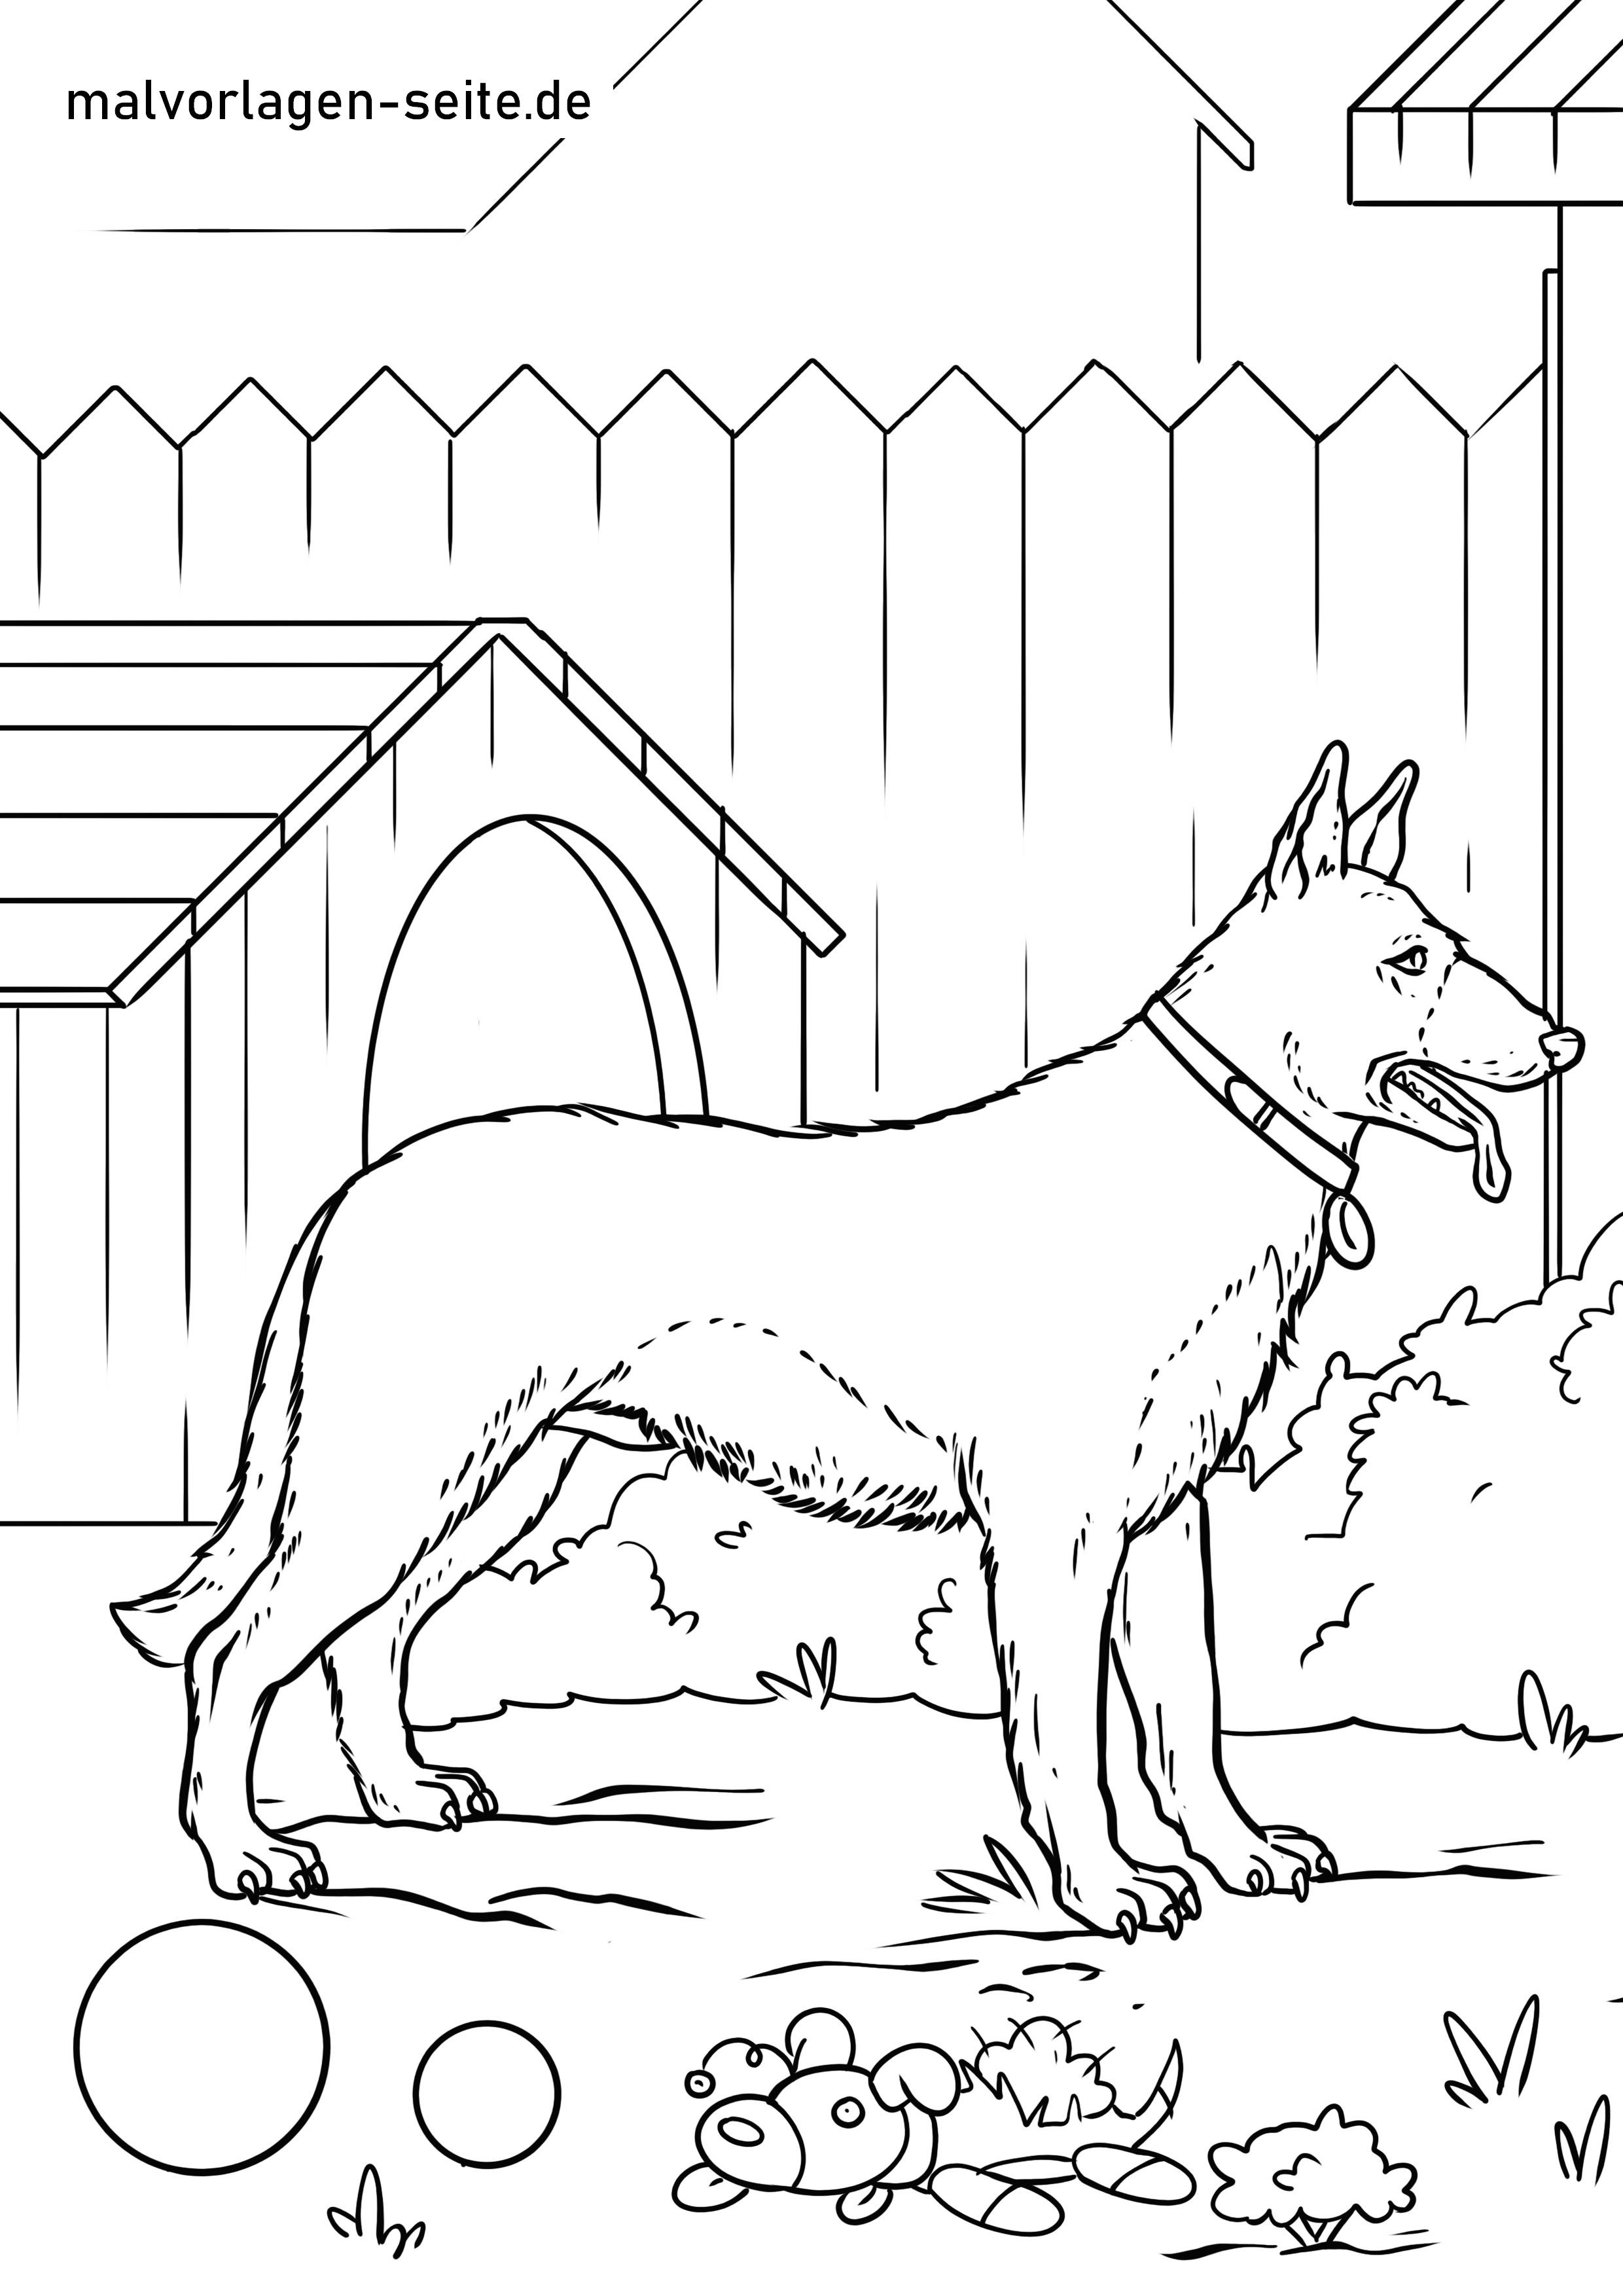 Ausmalbilder Hunde Golden Retriever - x13 ein Bild zeichnen